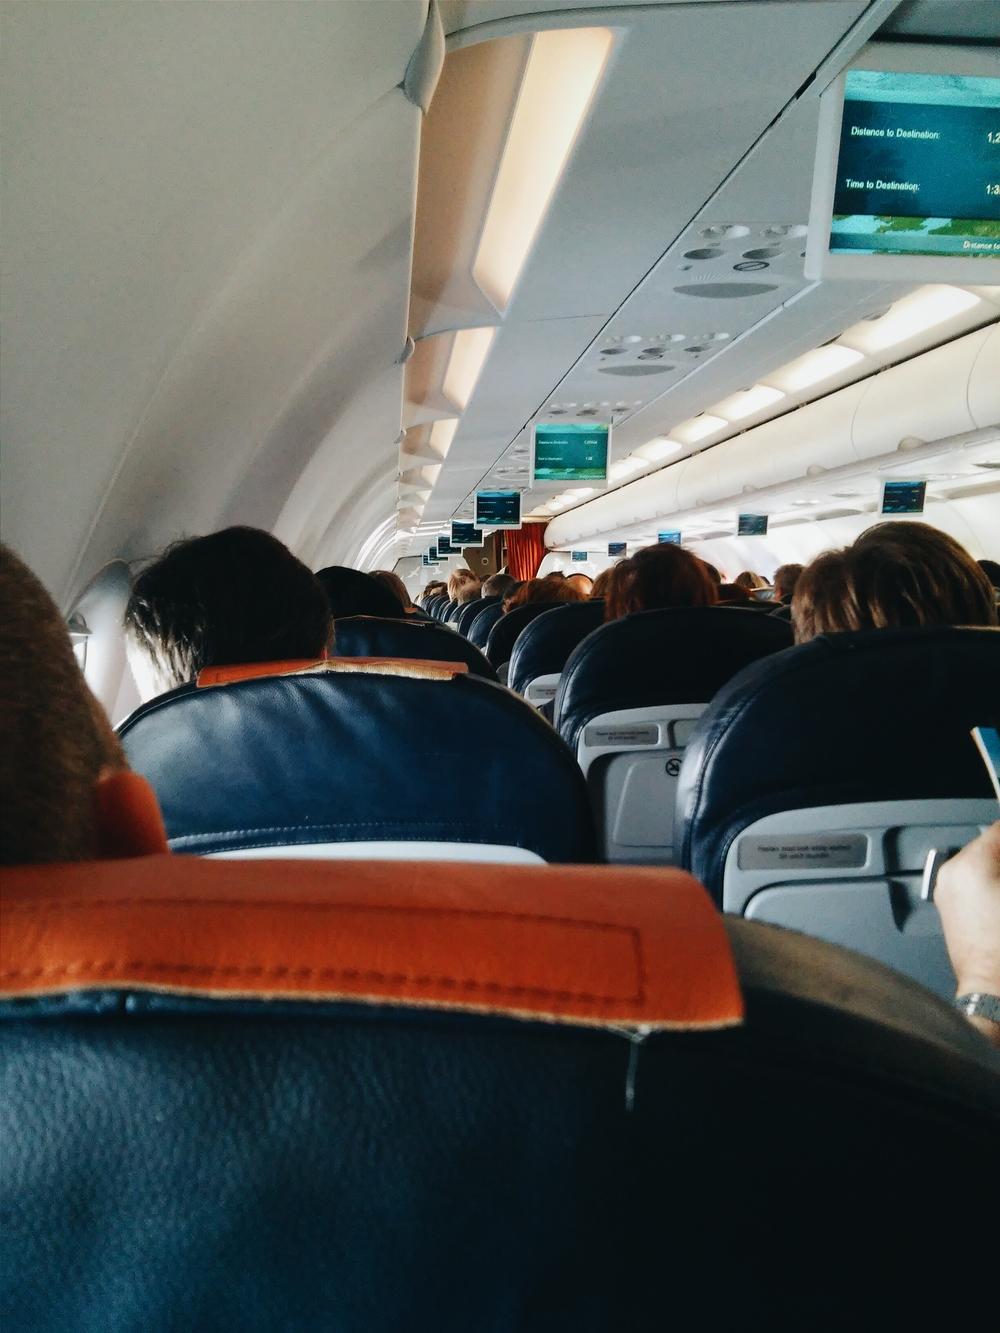 Στο αεροπλάνο